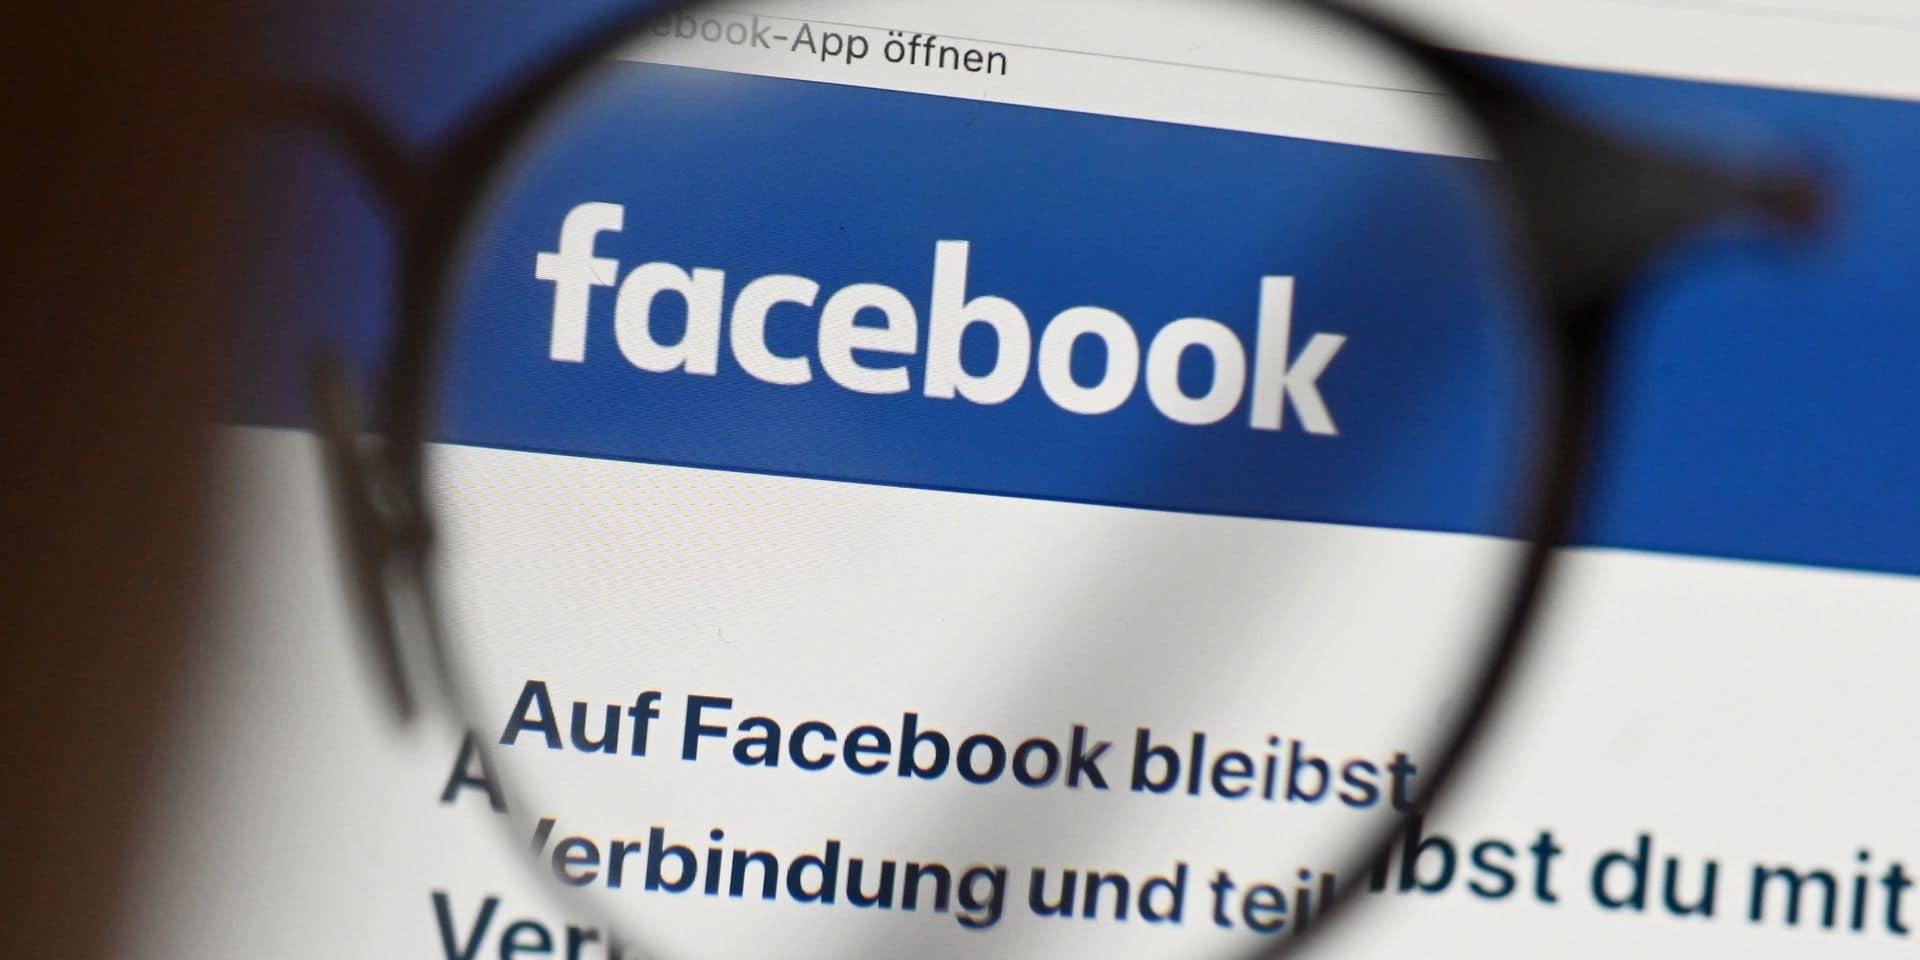 Des policiers incitaient au racisme via un groupe Facebook: une information judiciaire ouverte!